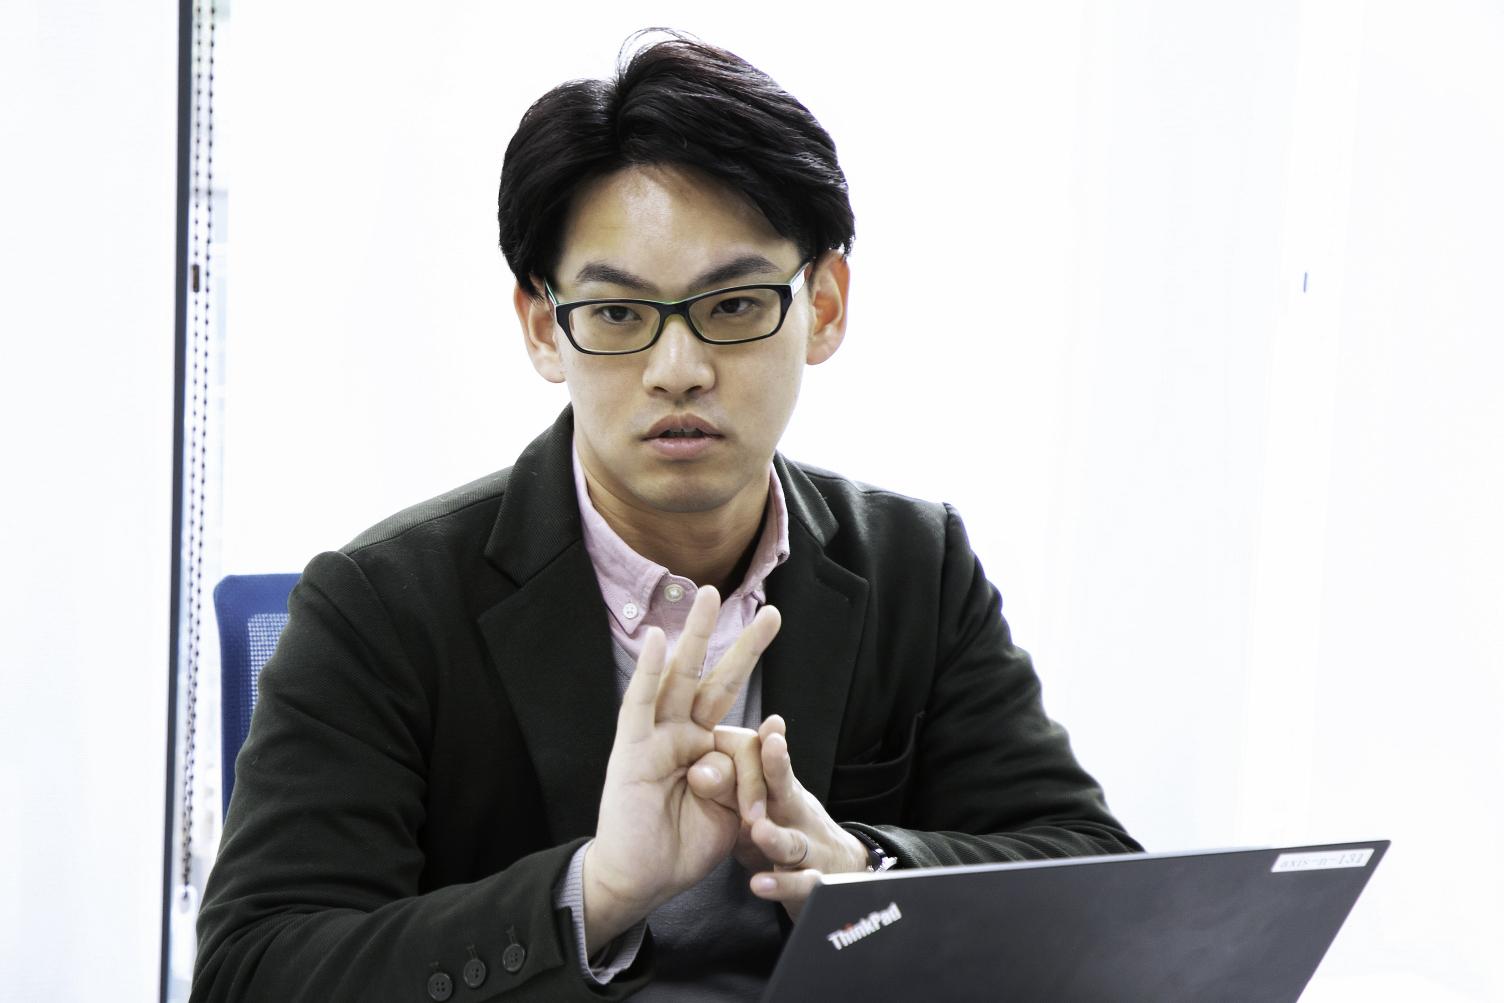 IT事業本部 インフラ基盤事業部 サーバ・ネットワークチーム 鈴木 淳 氏